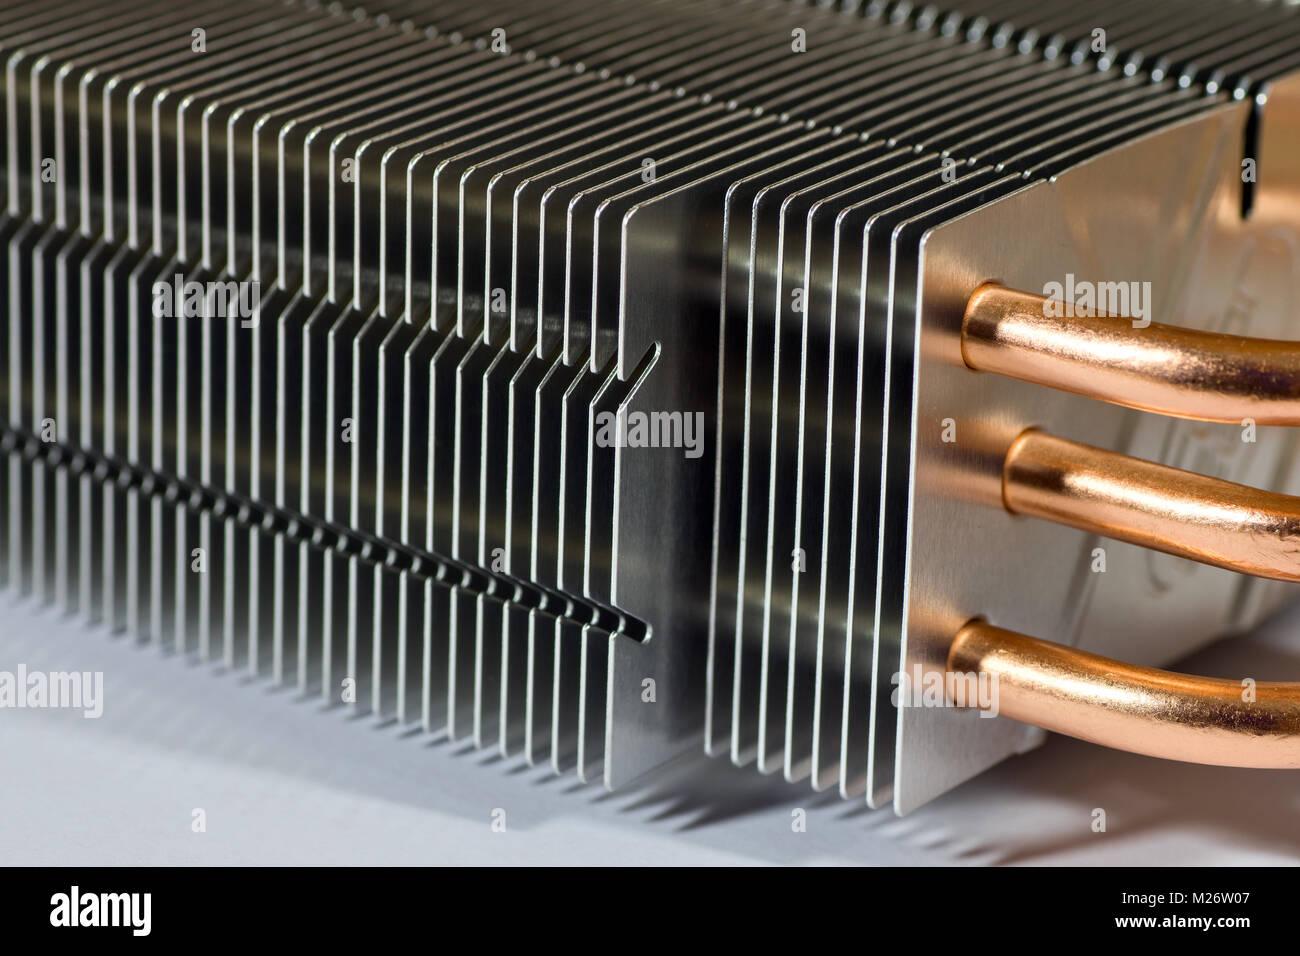 Aluminium radiator with copper heat pipe close-up - Stock Image